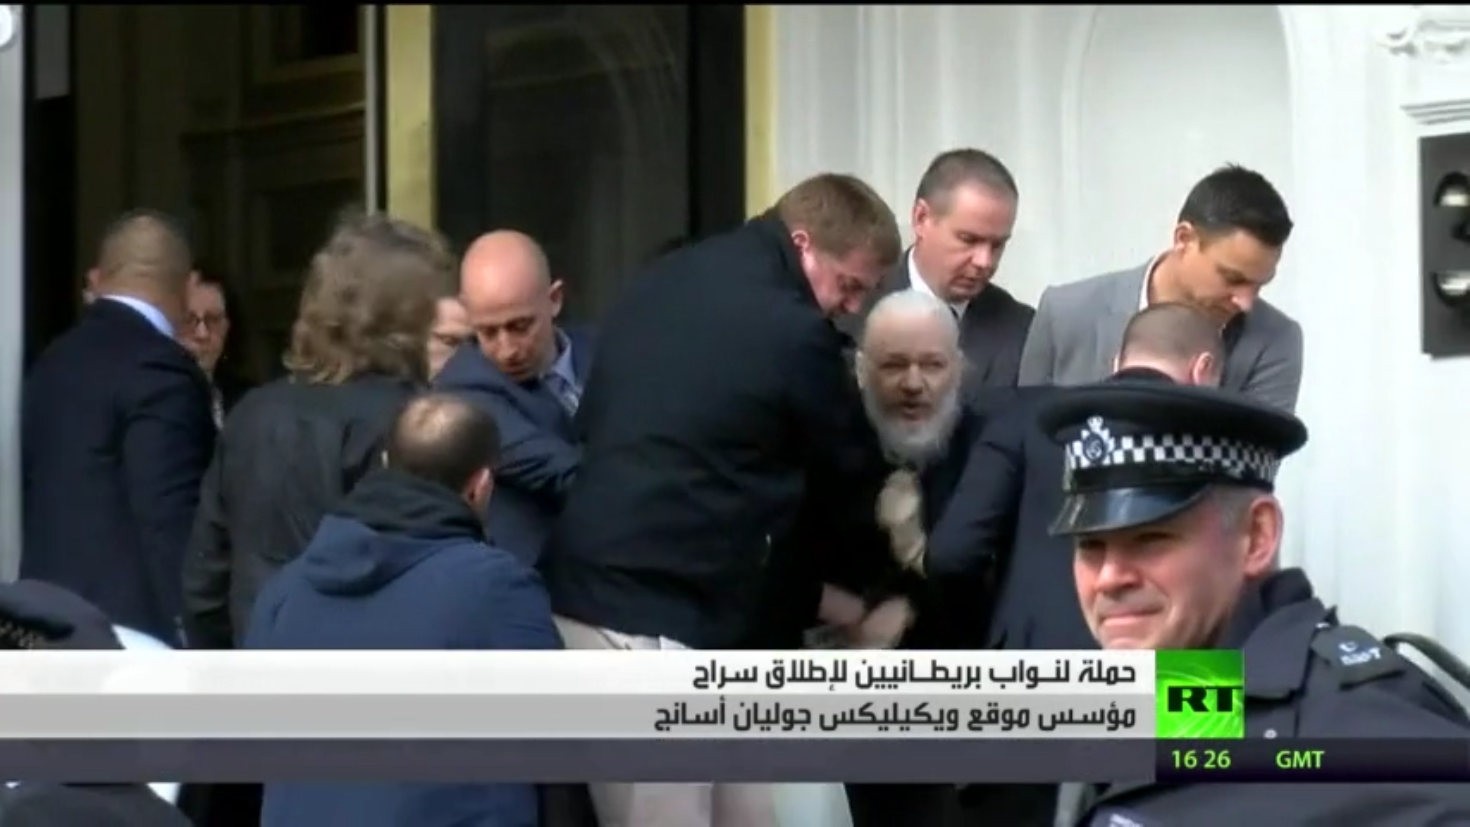 حملة لنواب بريطانيين لإطلاق سراح أسانج